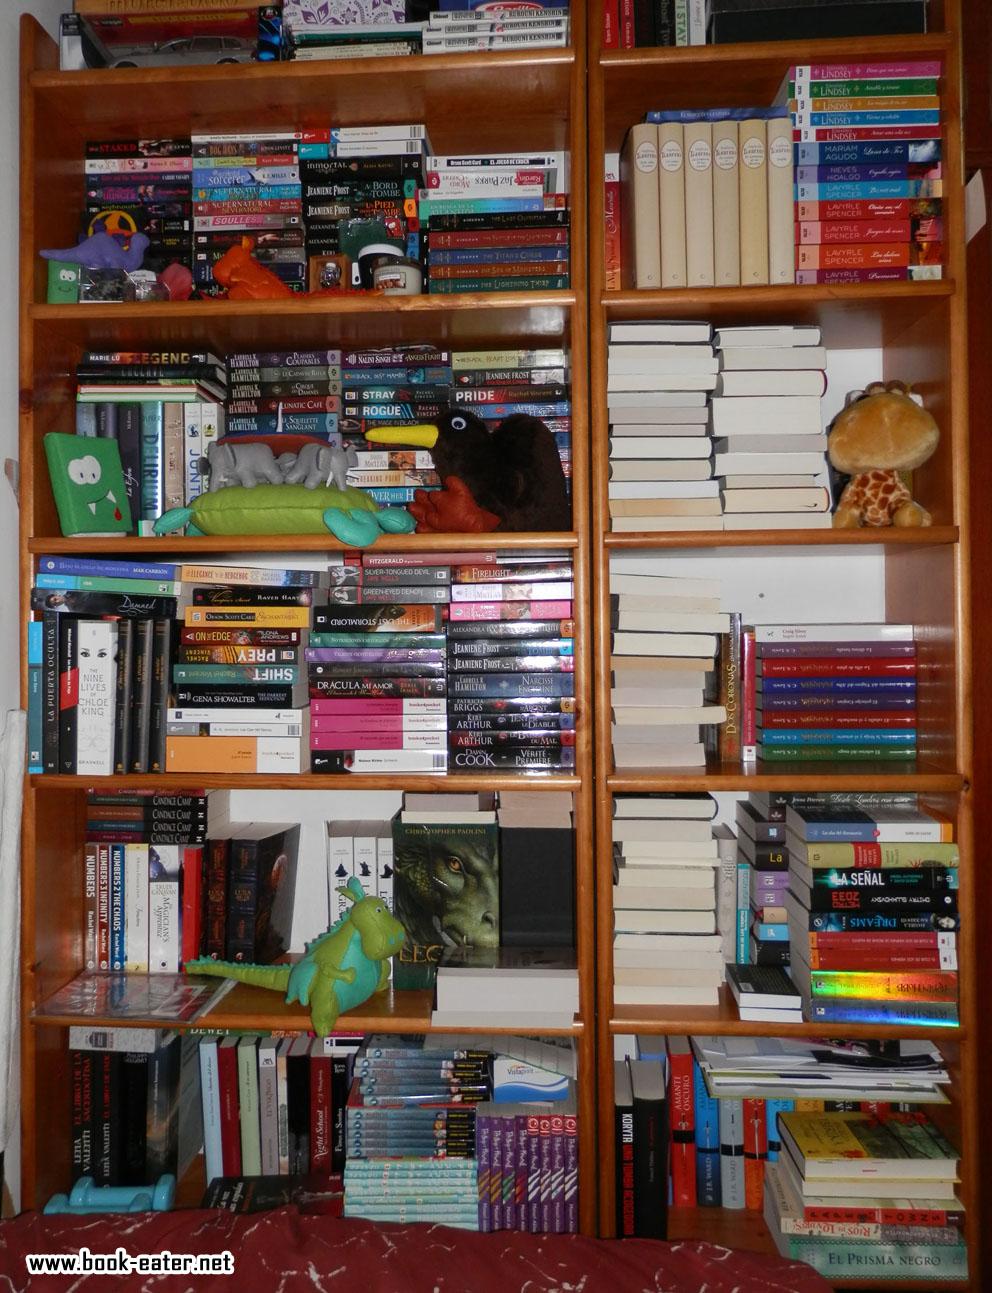 Book eater pase to por mis estanter as - Estanterias de libros ...